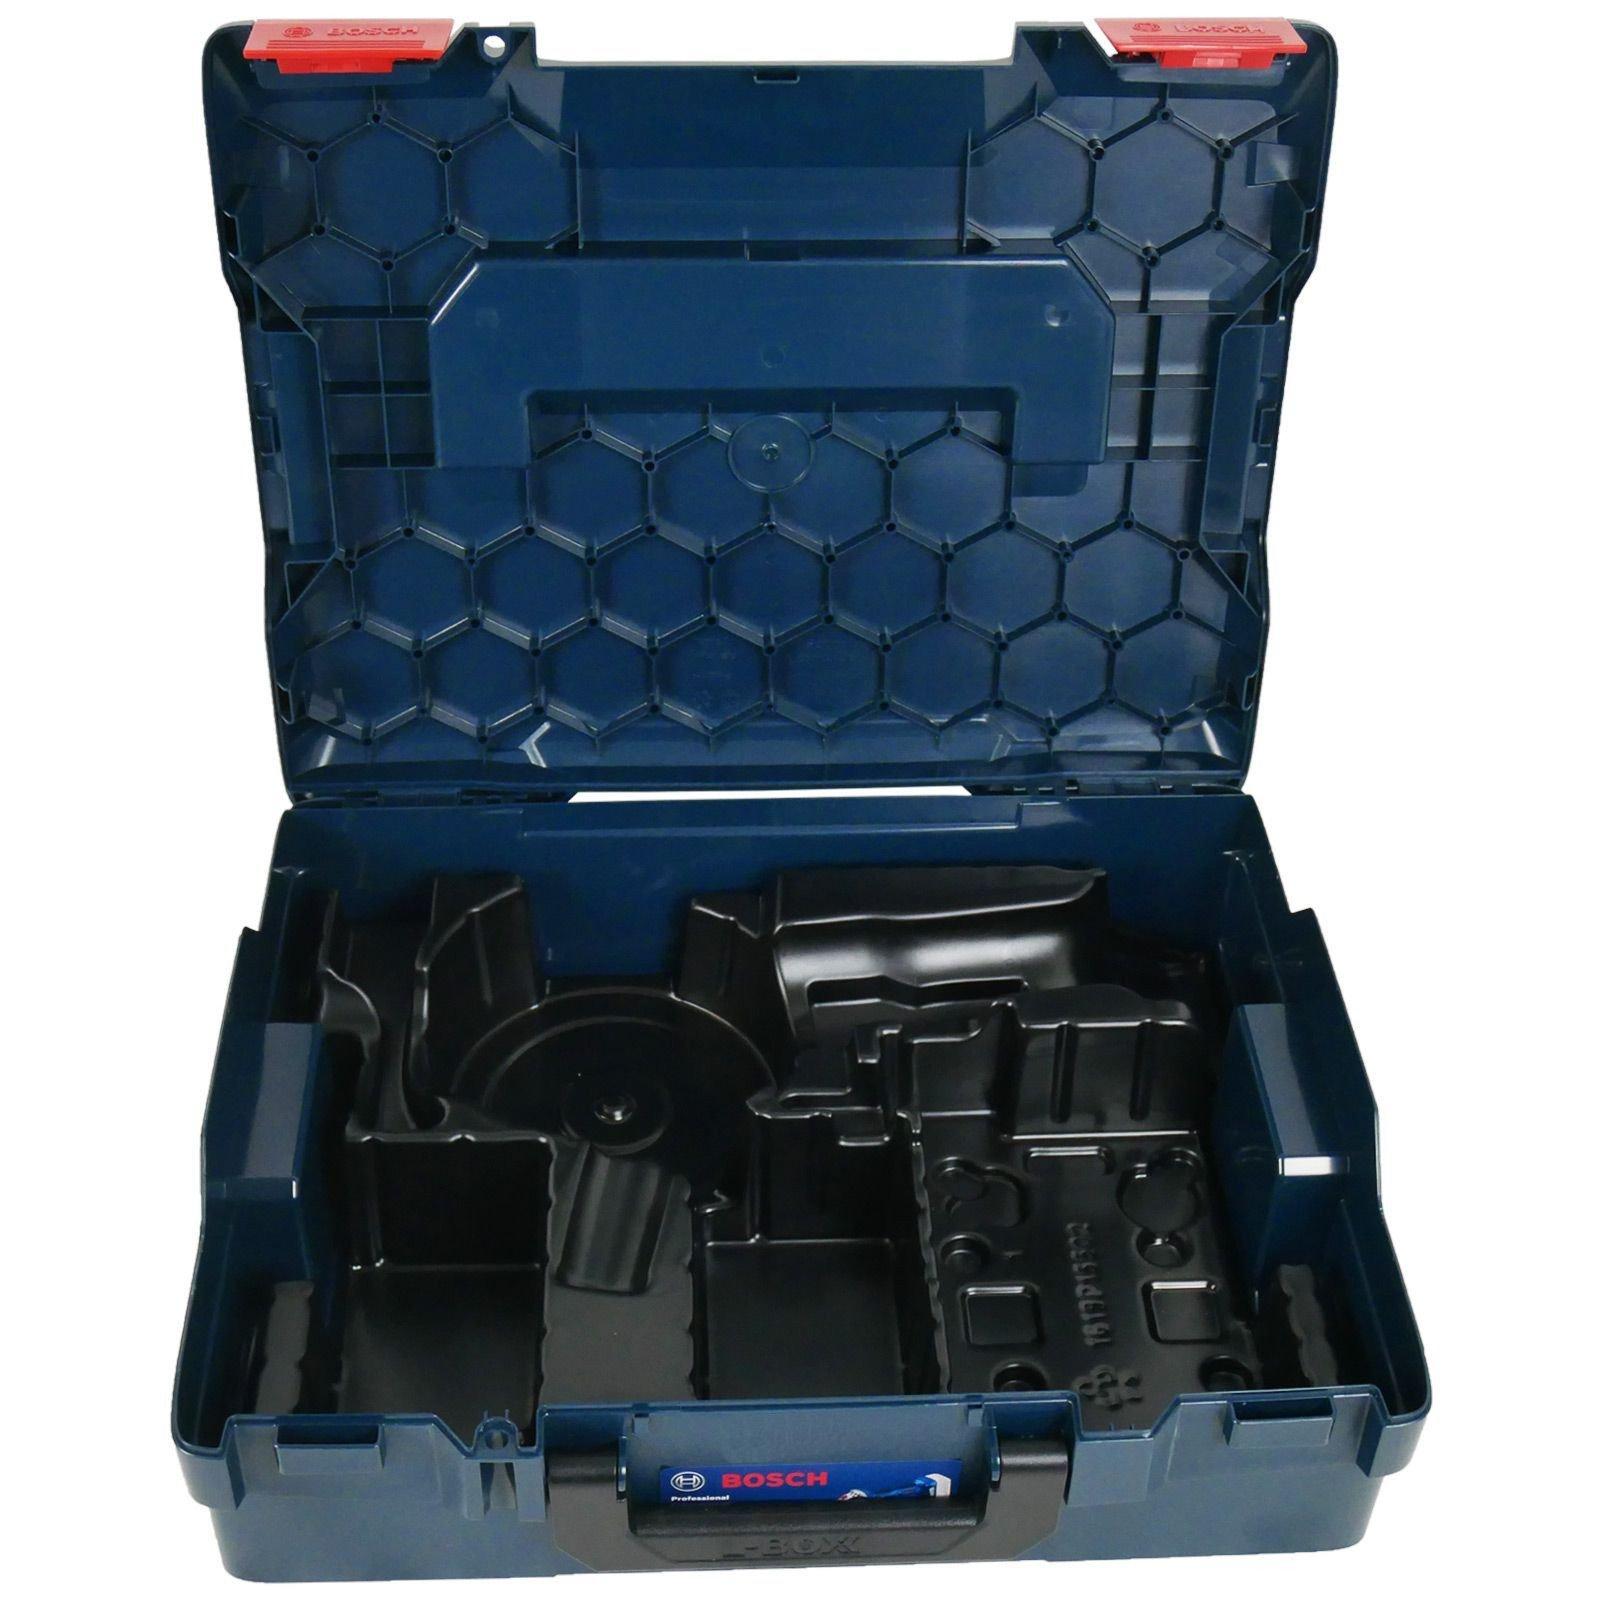 Bosch L-Boxx 136 inkl Einlage für GWS 18-125 V-LI Werkzeugkoffer Werkzeugbox